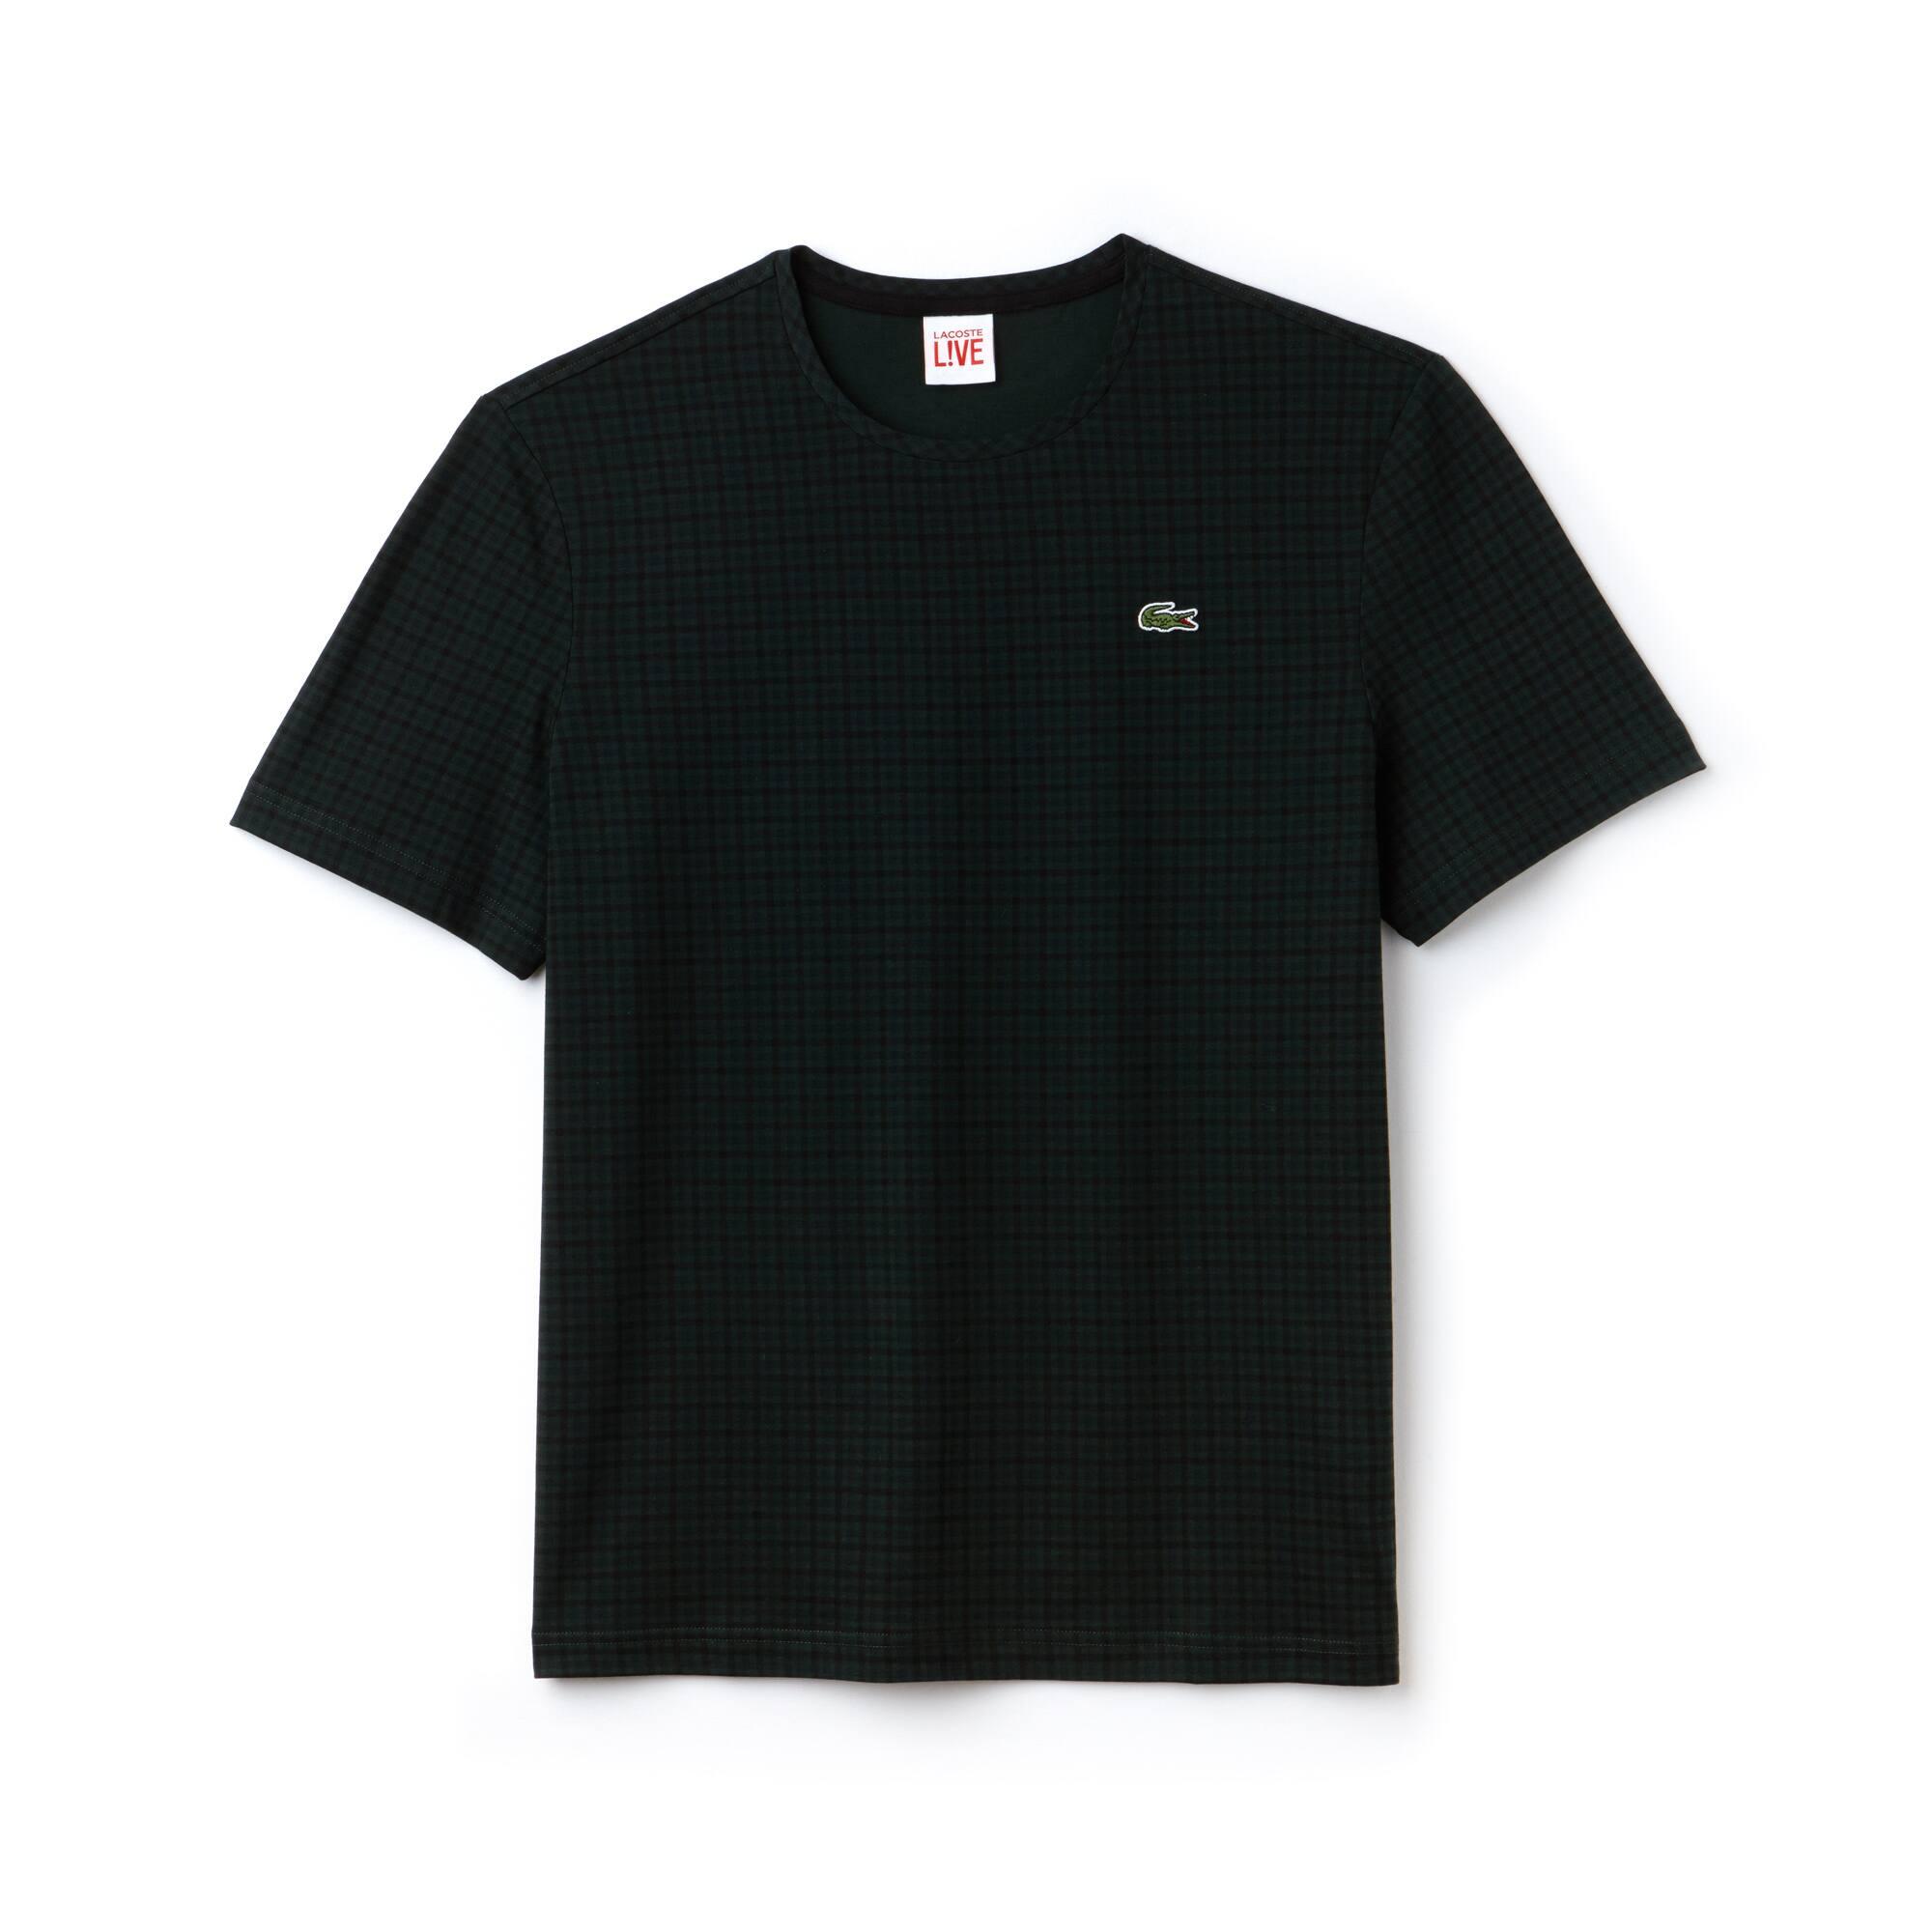 Men's Lacoste LIVE Crew Neck Check Cotton Jersey T-shirt